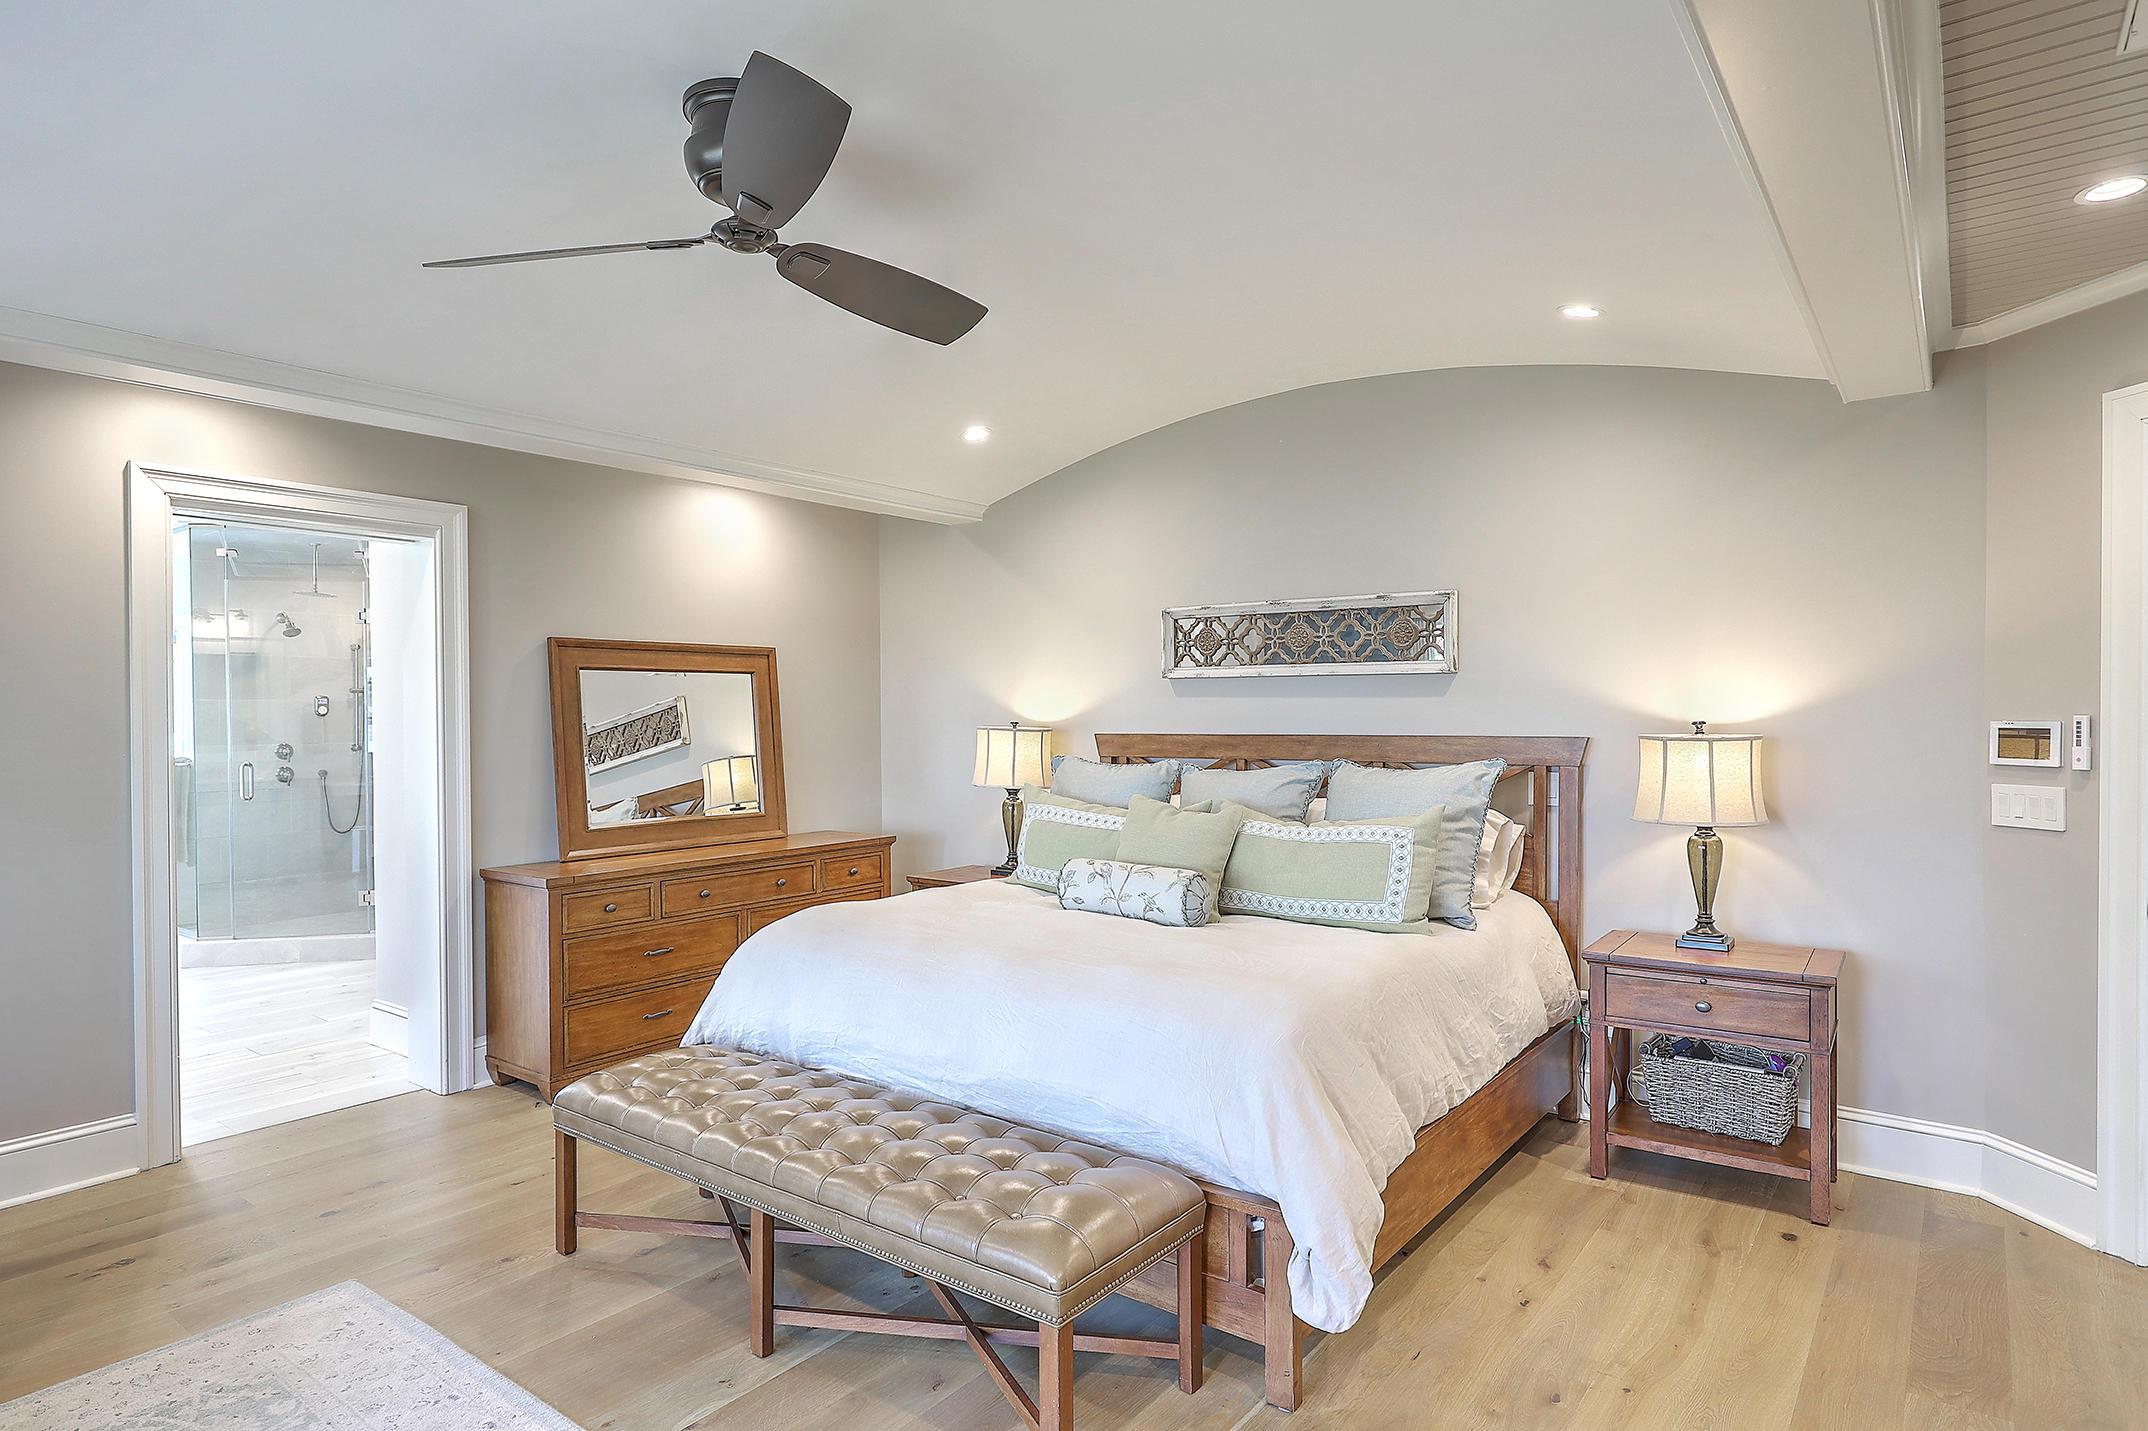 Park West Homes For Sale - 3905 Ashton Shore, Mount Pleasant, SC - 59